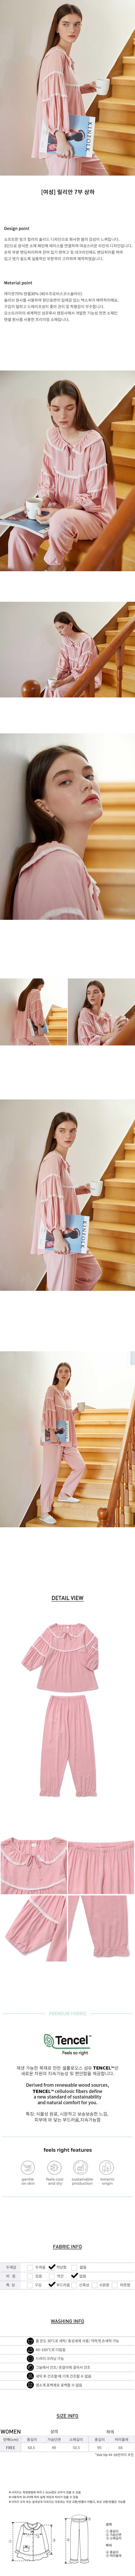 200581 여자잠옷 잠옷세트 40수 레이온 텐셀 잠옷 여성잠옷 7부 - 혀니미니, 75,600원, 잠옷, 여성파자마